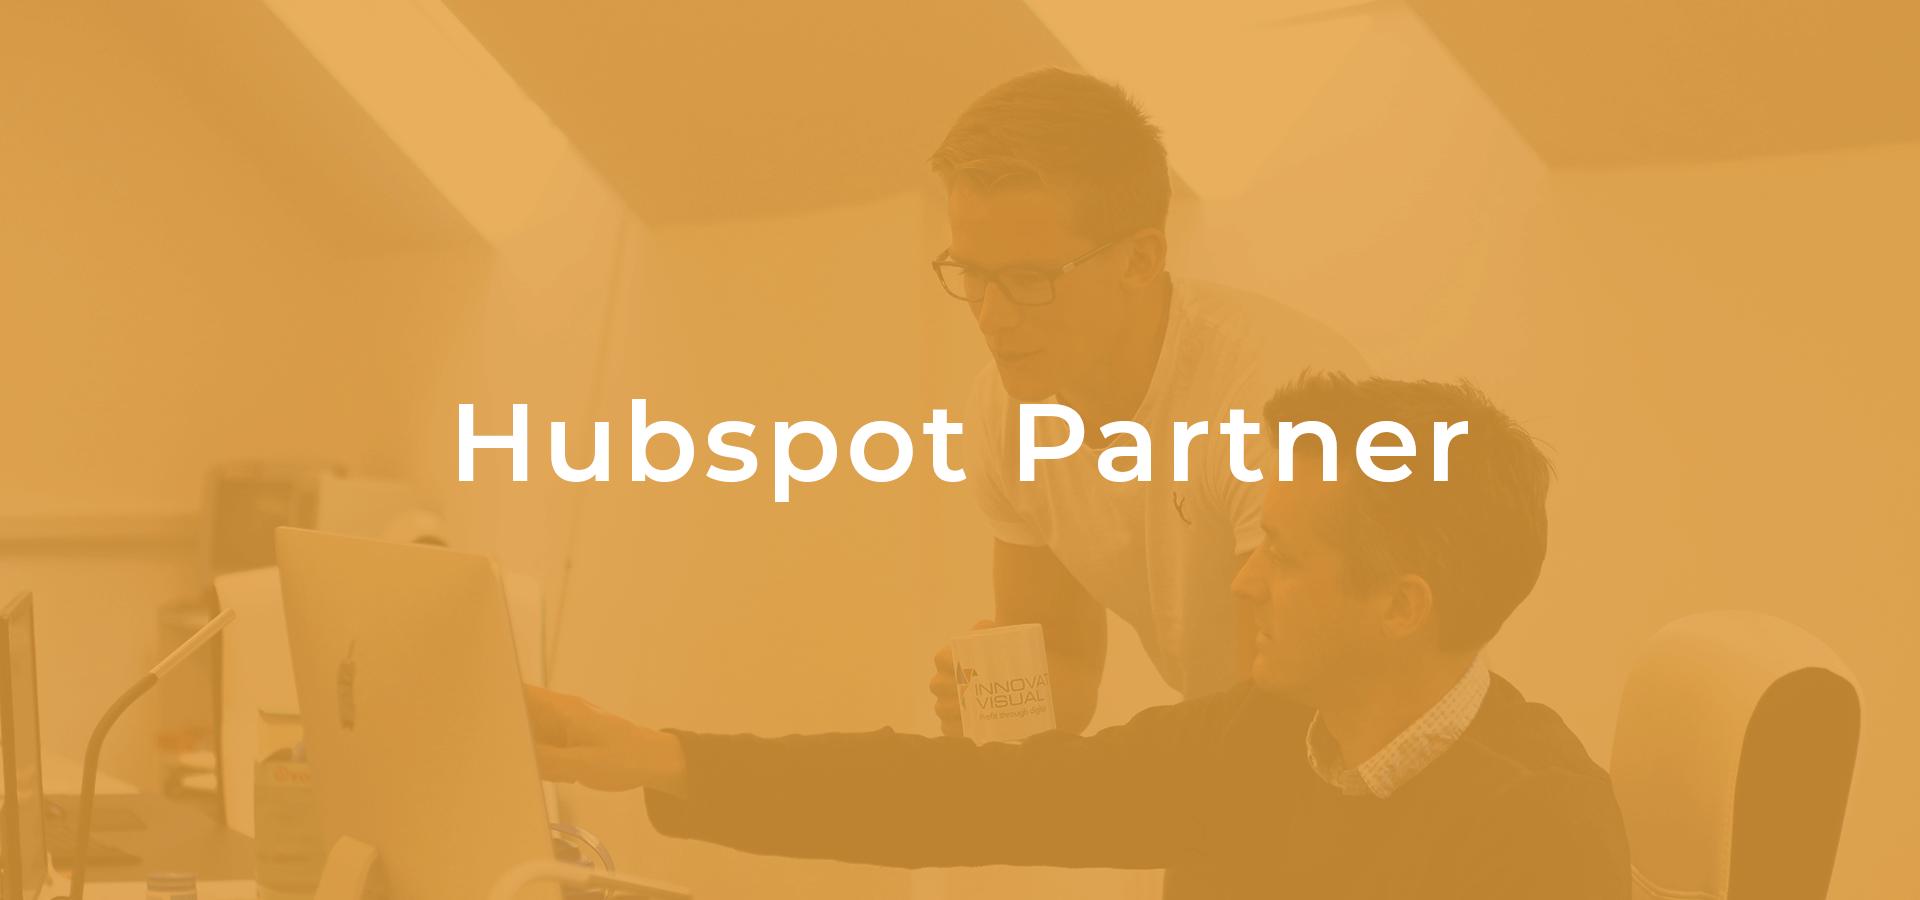 Innovation-Visual-Hubspot-Partner-Banner